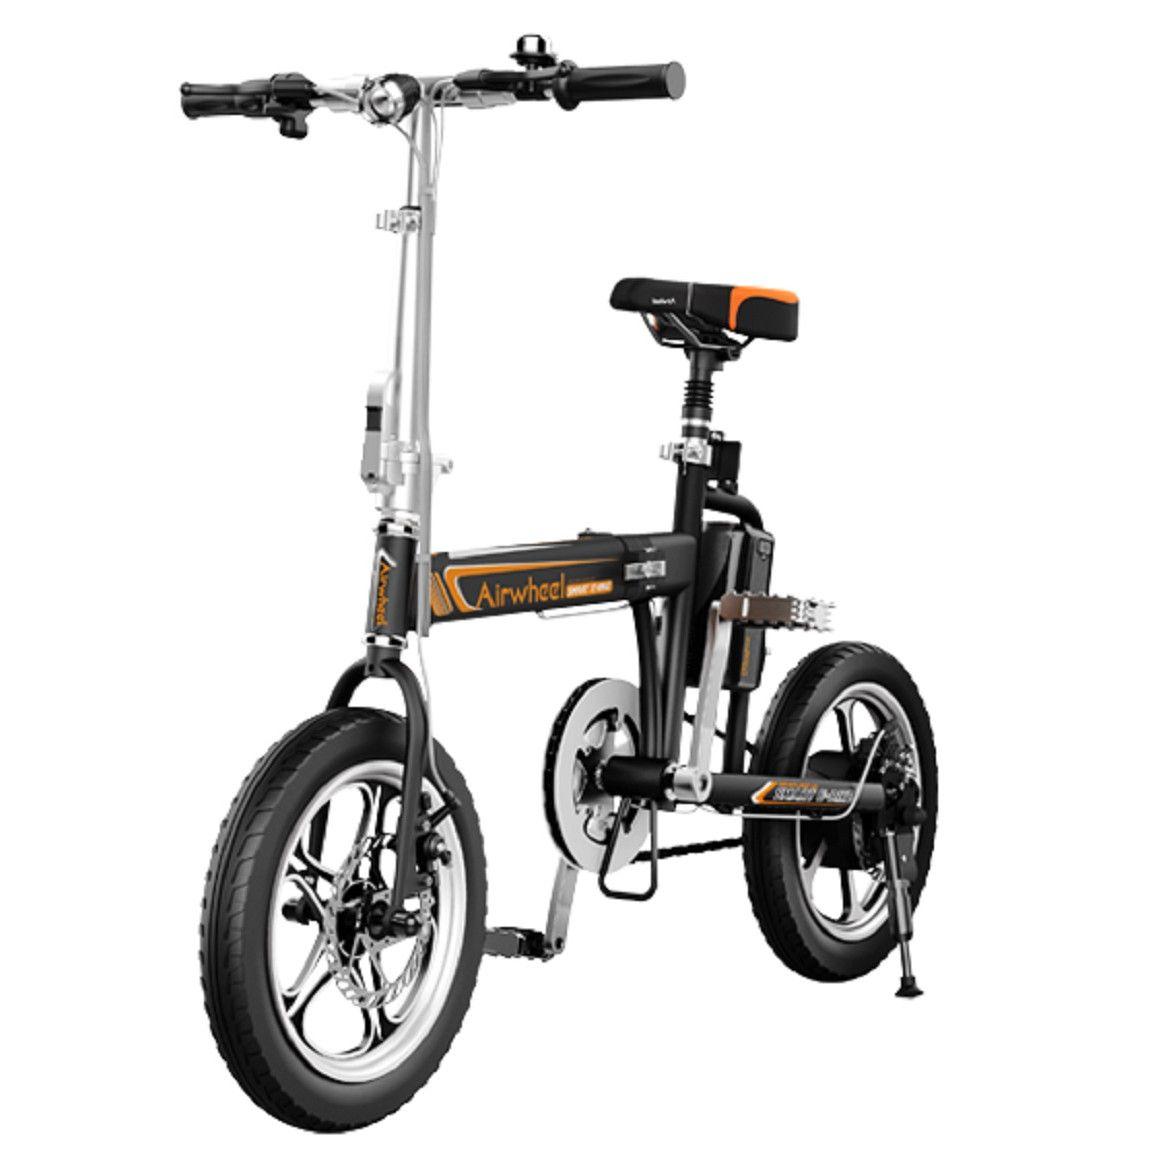 Fotografie Bicicleta electrica pliabila Airwheel R5 Black , Viteza max. 20 km/h , Autonomia maxima: 15-25 km